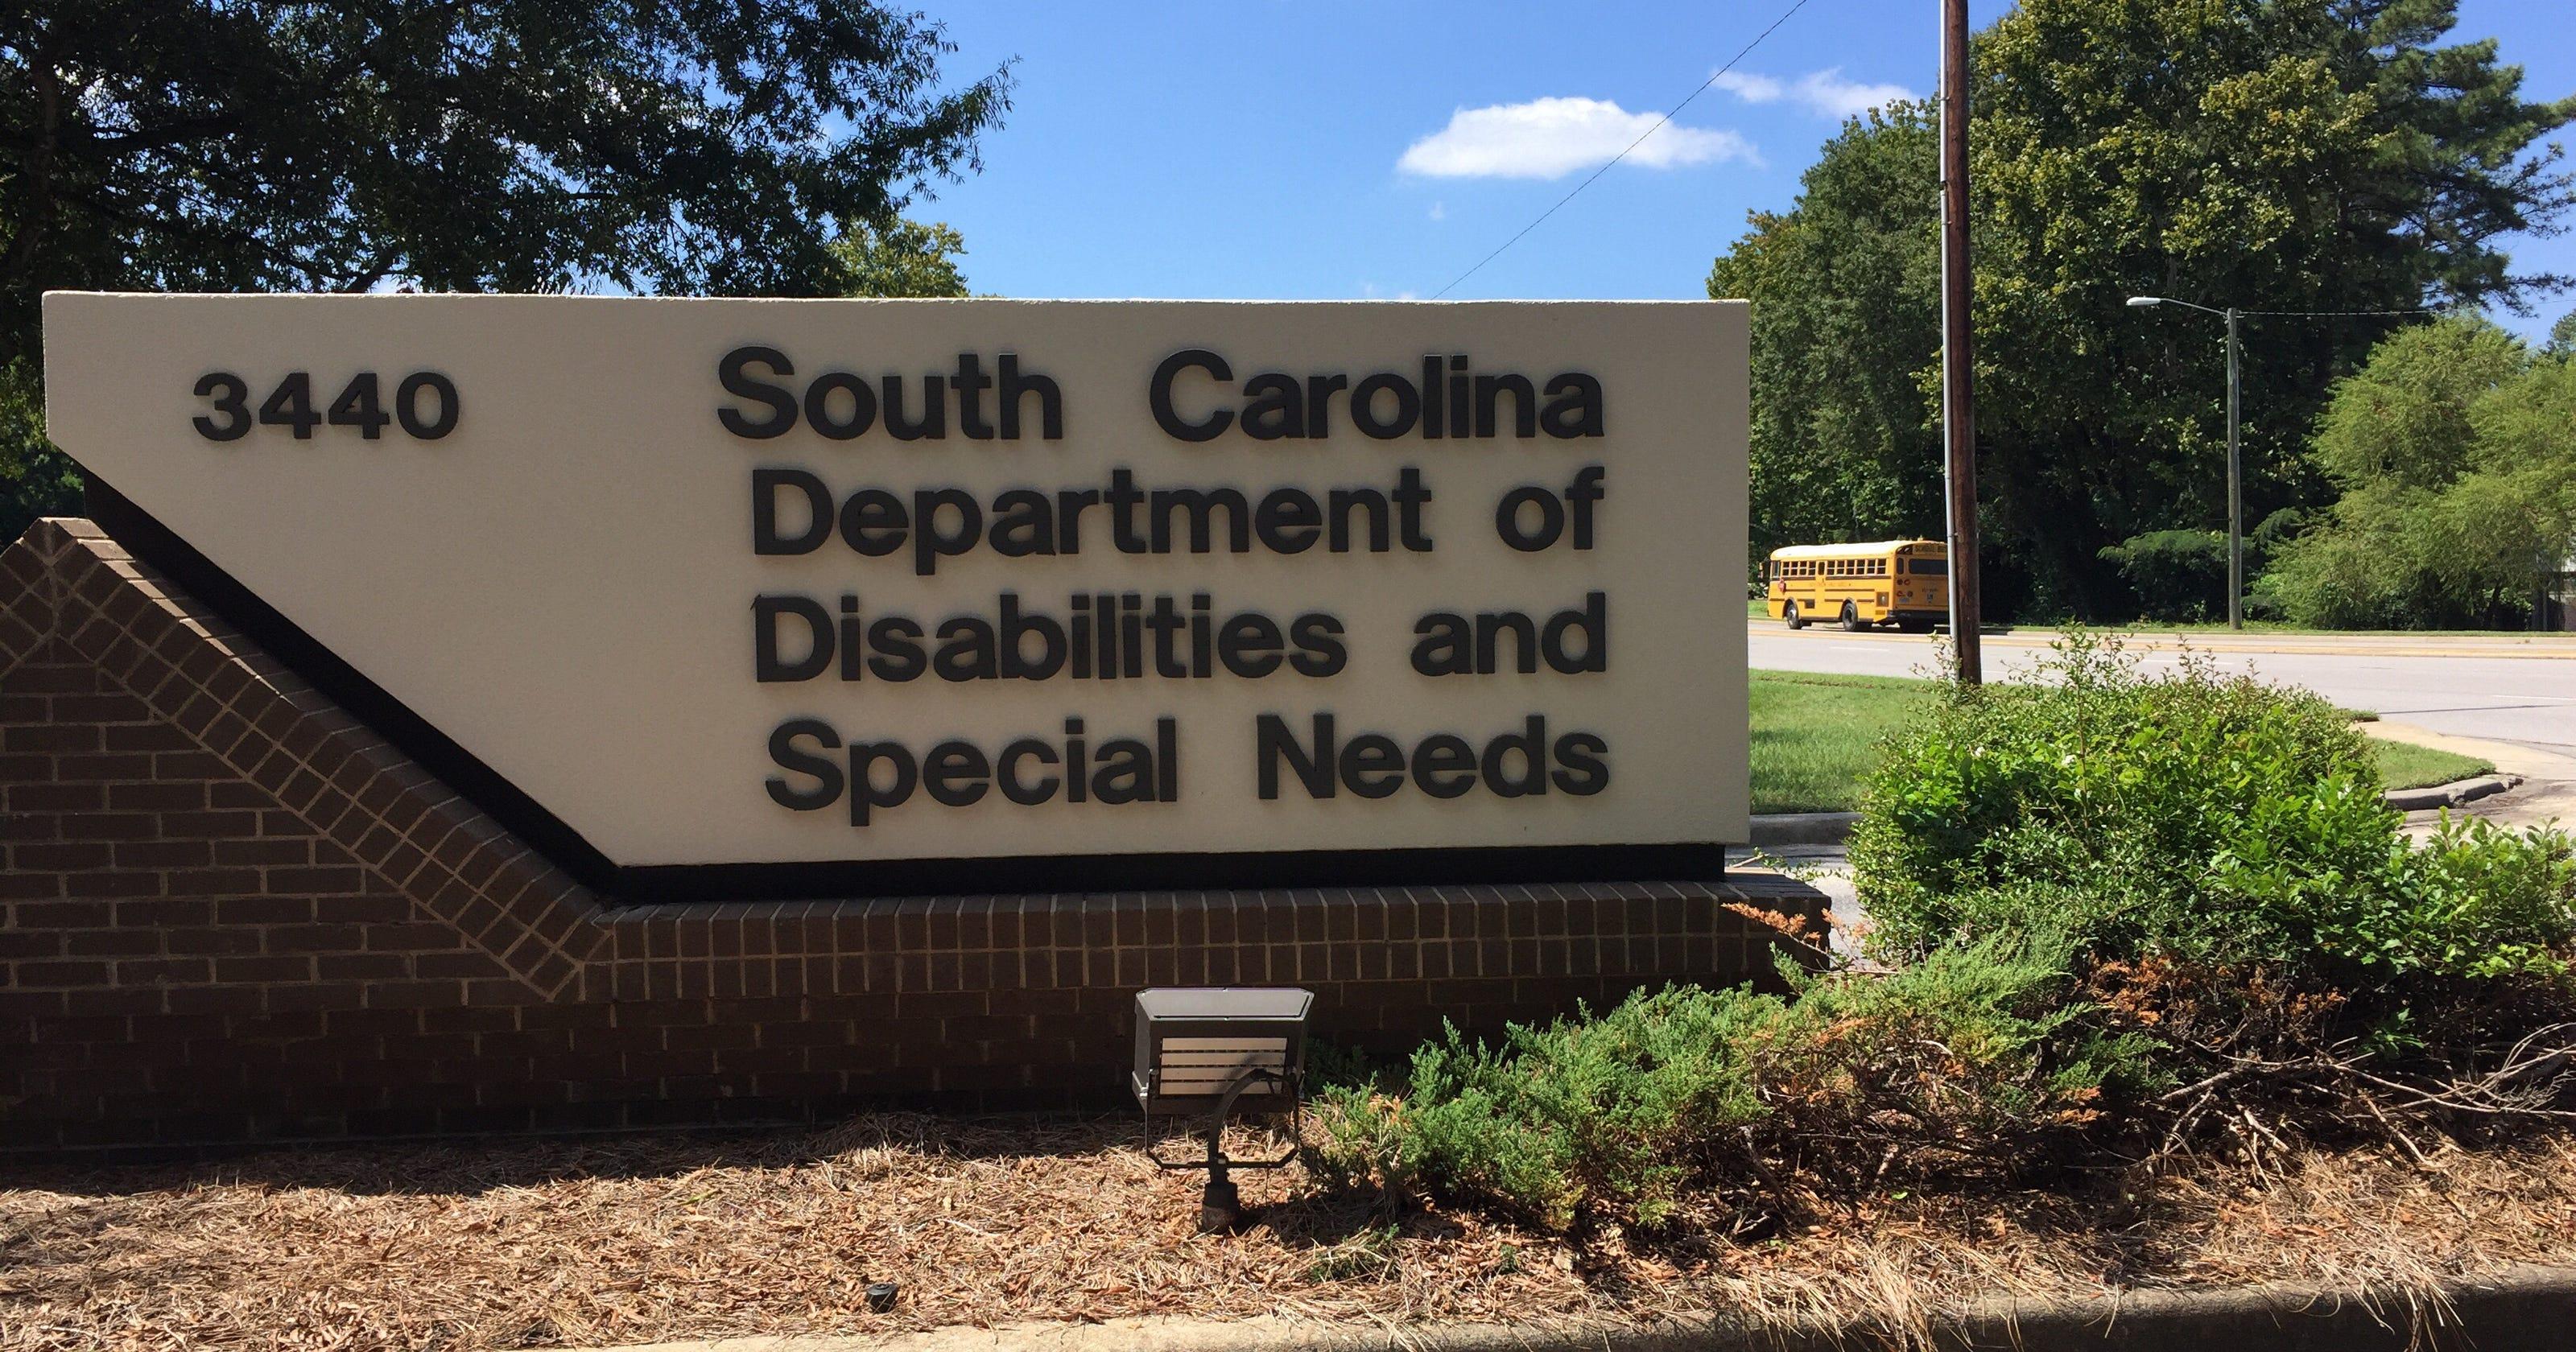 Group alleges South Carolina's sheltered workshops for disabled